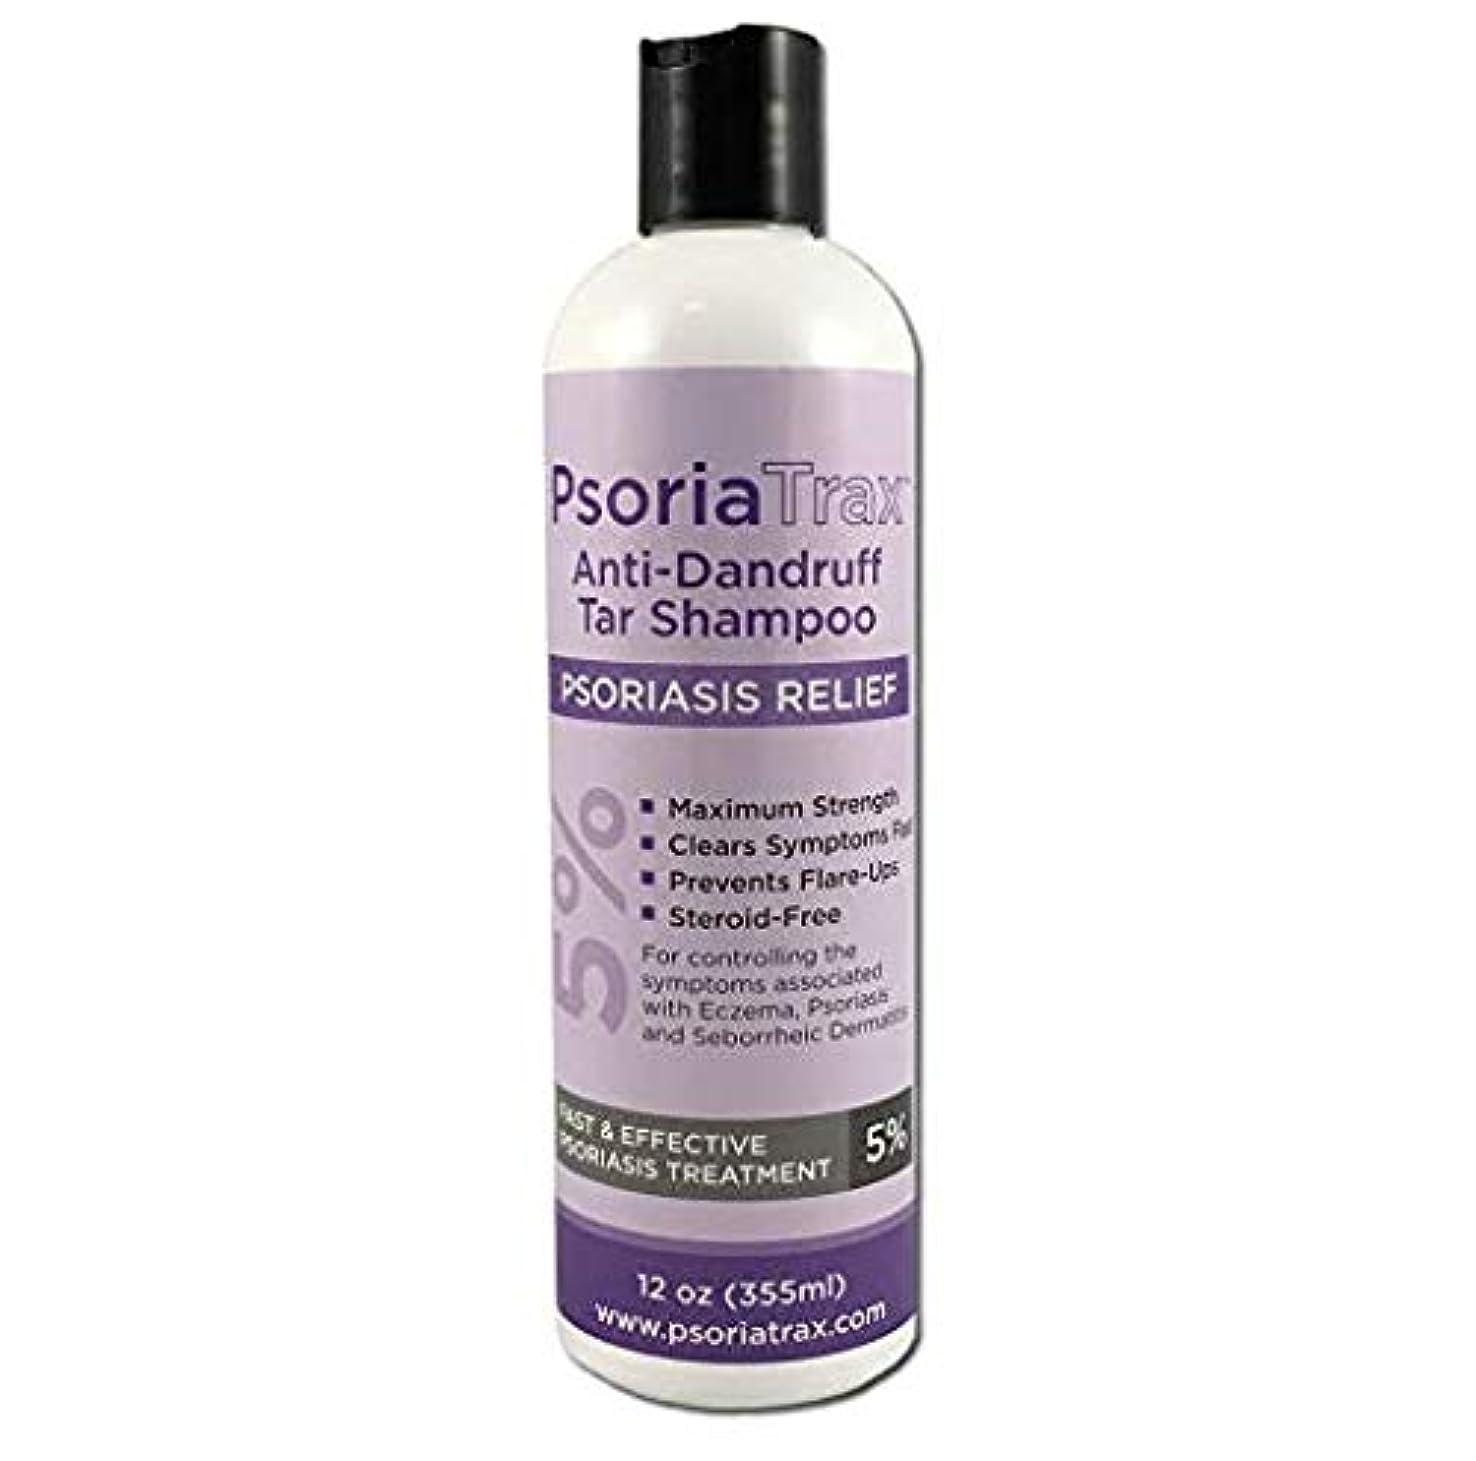 泥気をつけて靴下5%コールタール含有 かん癬用シャンプー Coal Tar Psoriasis Shampoo Psoriatrax 25% Coal Tar Solution 12oz Bottles- Psoriasis - Equivalent...